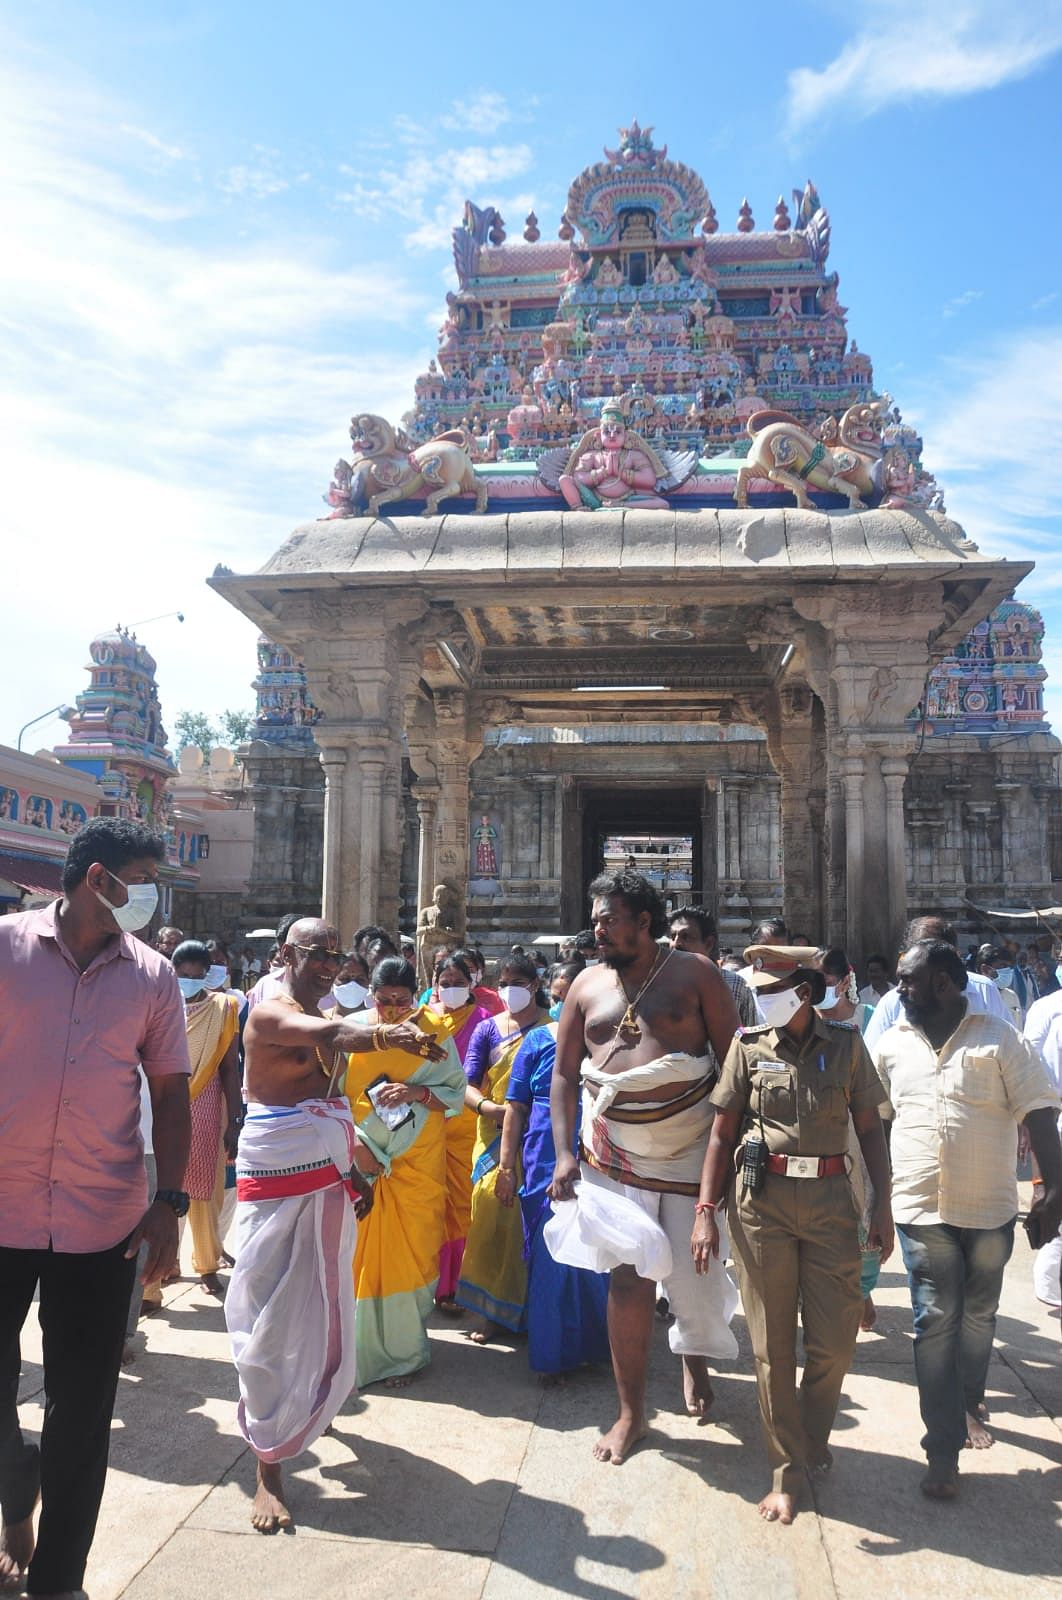 தூர்கா ஸ்டாலின் கோயில் வழிபாடு